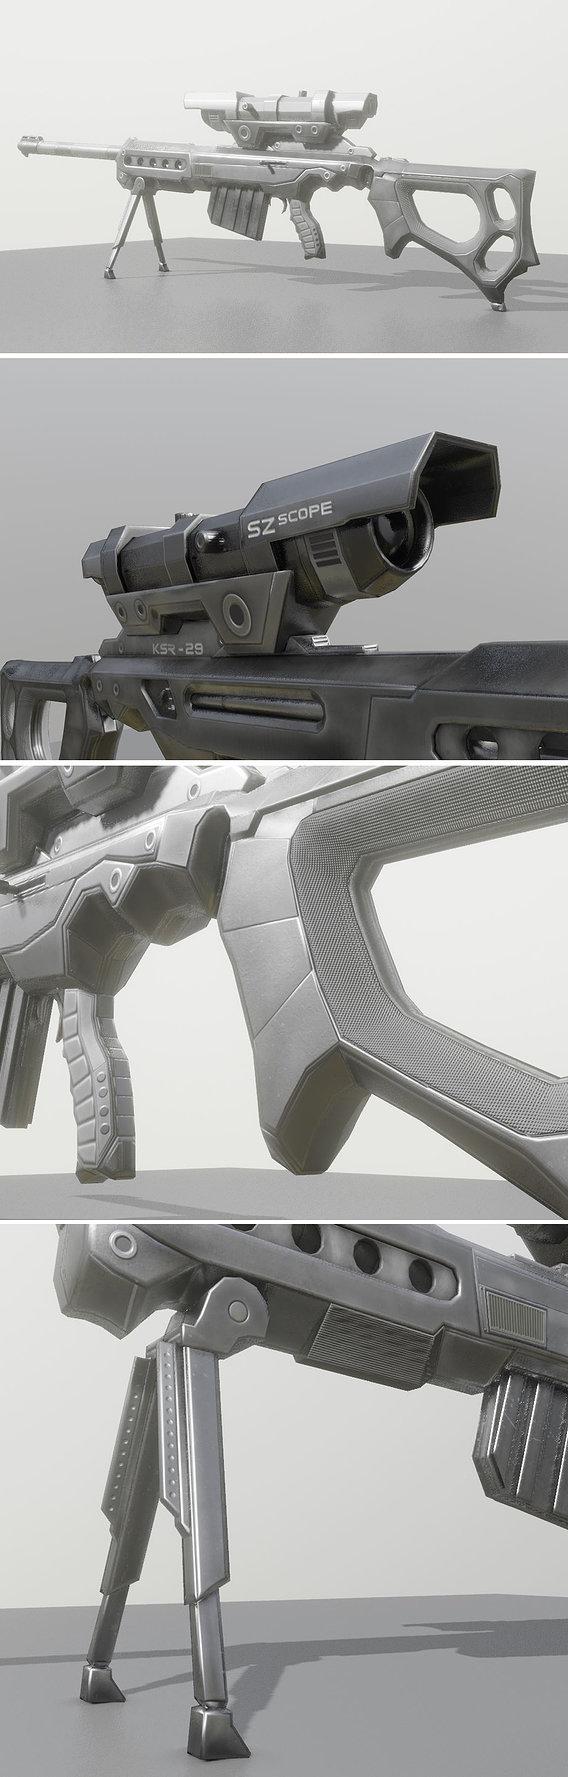 KSR28 Sniperrifle Blender 2-82a Version